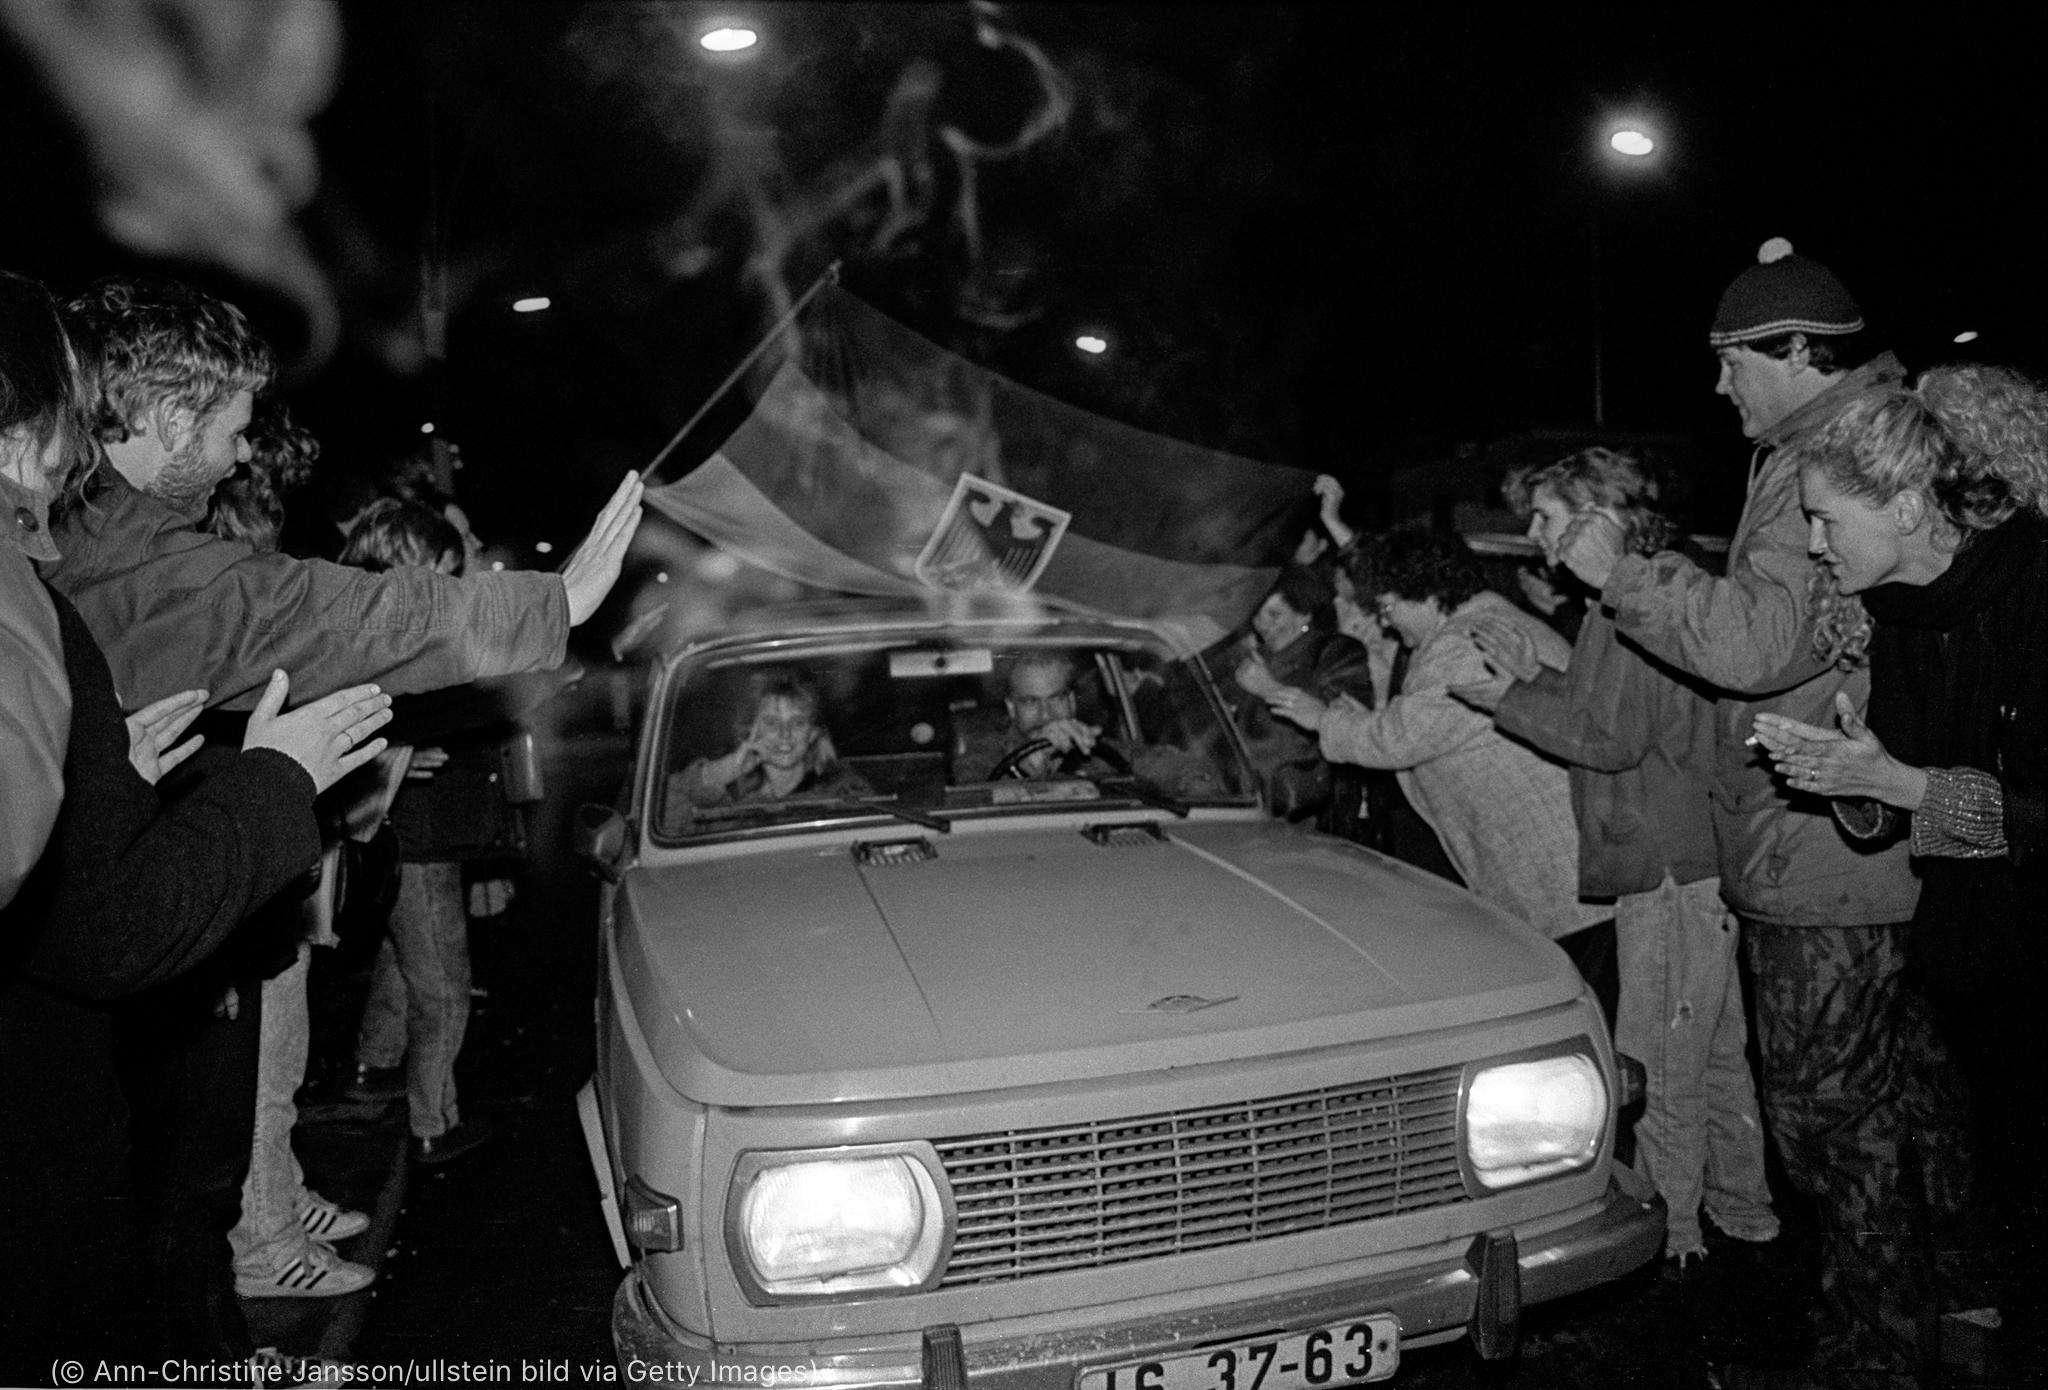 People celebrating around car (© Ann-Christine Jansson/ullstein bild via Getty Images)